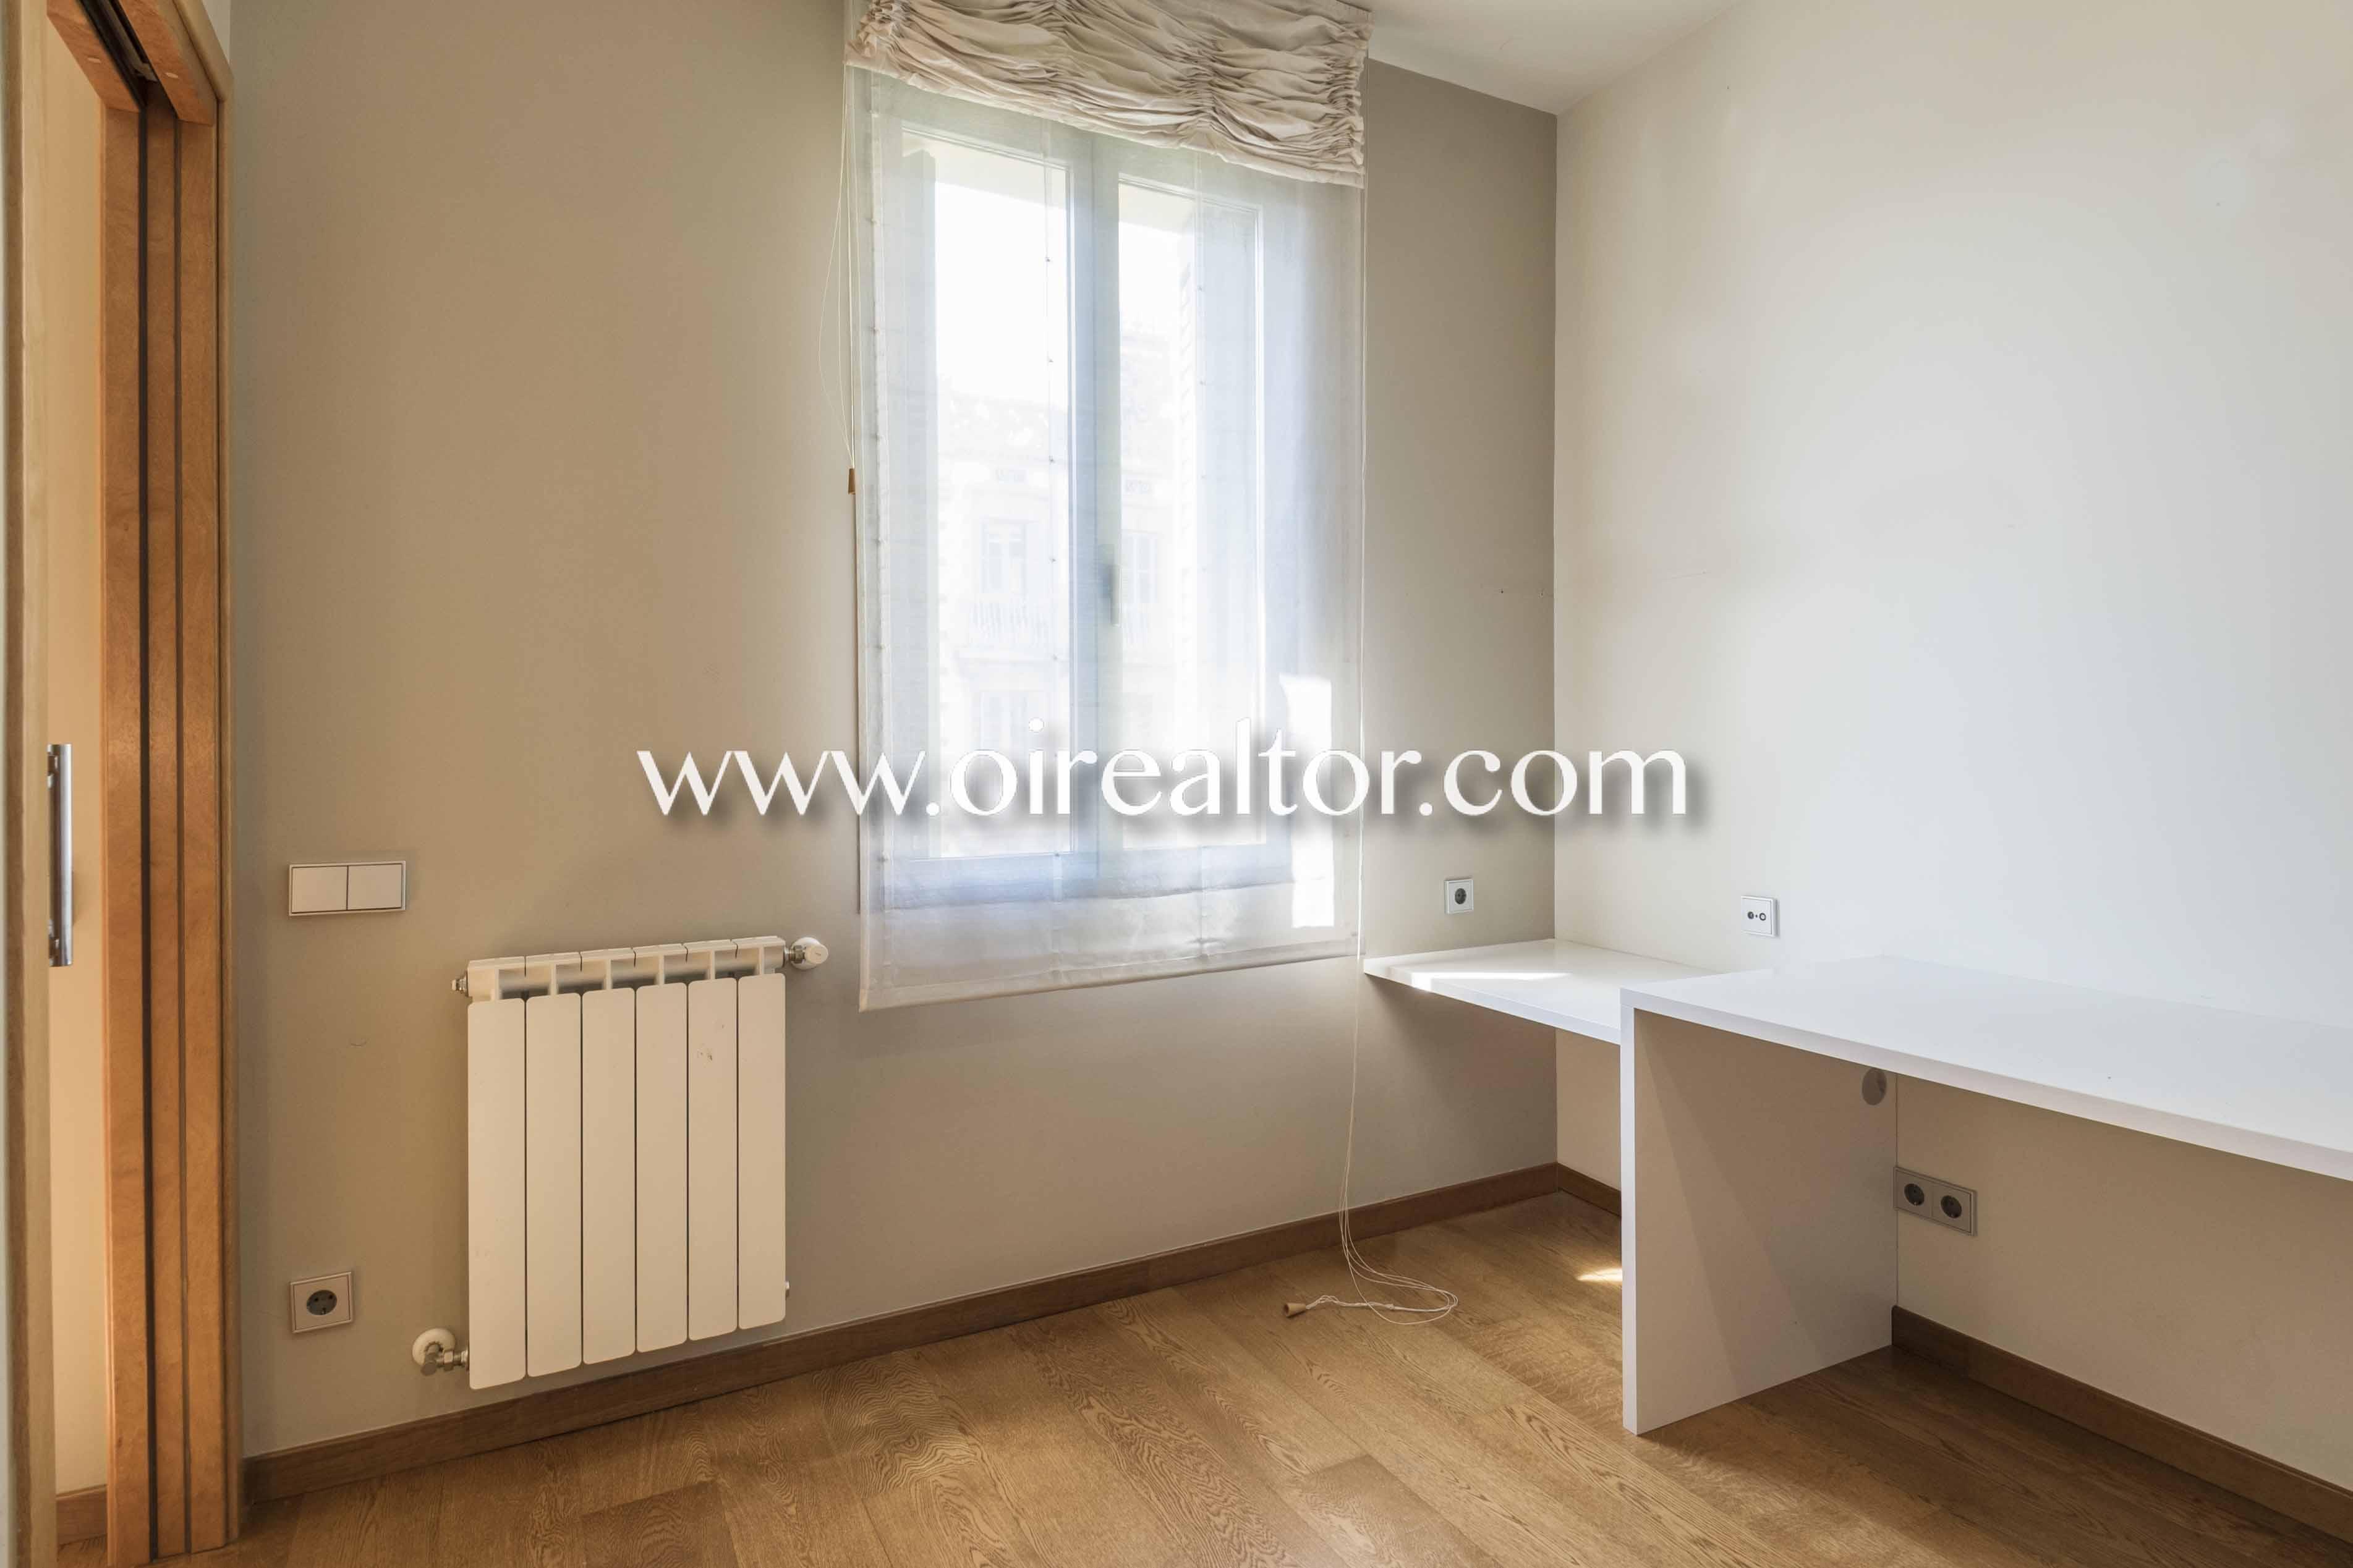 piso sin muebles, piso vacío, suelo de parquet, parquet, soleado, luminoso, piso luminoso, habitación simple, dormitorio simple